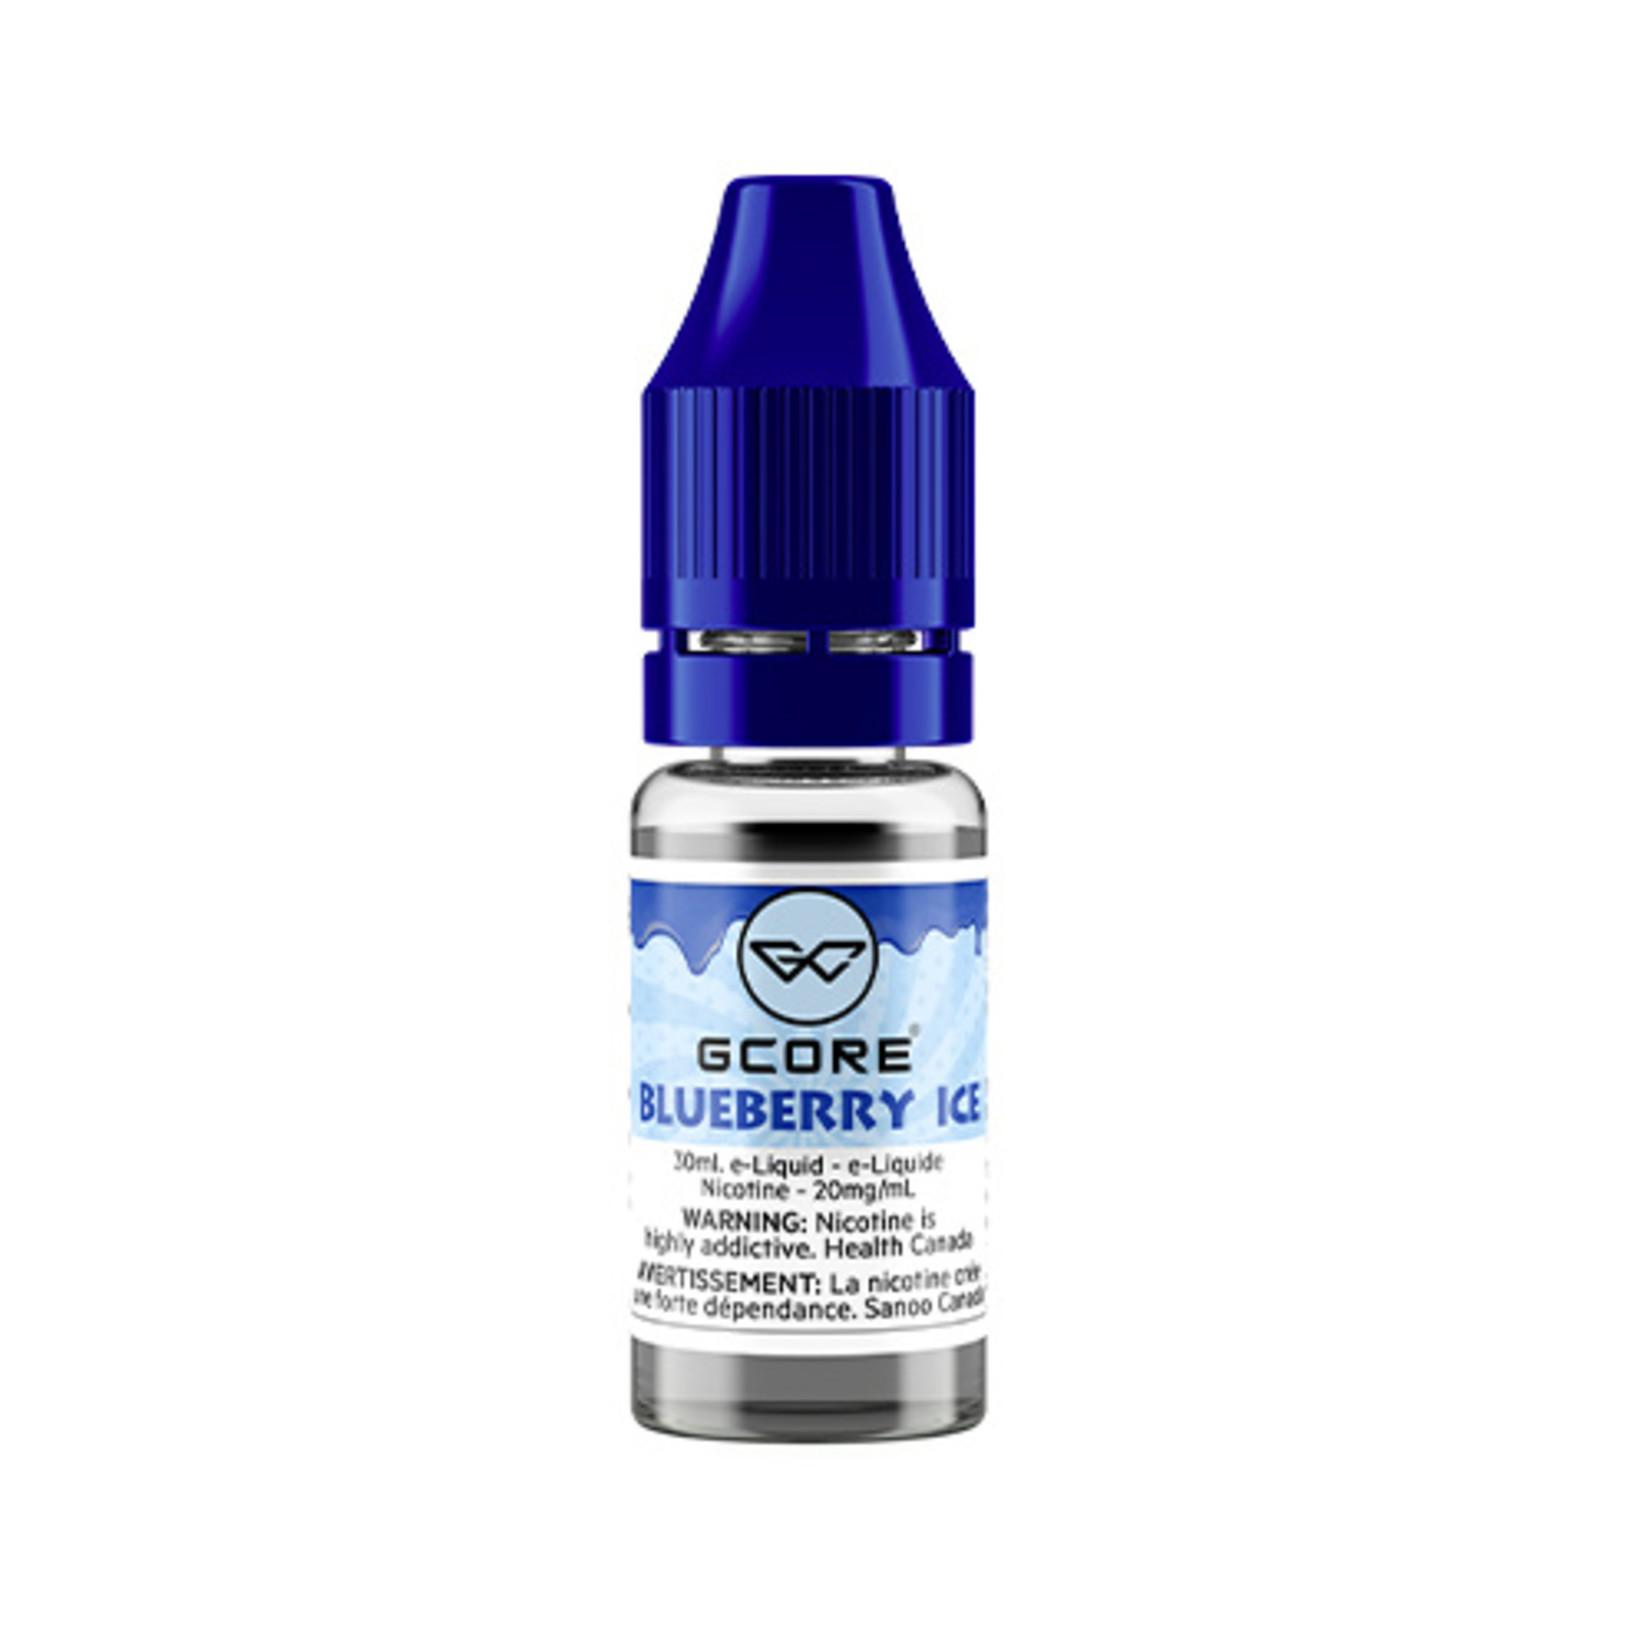 Gcore Vape Blueberry Ice Juice